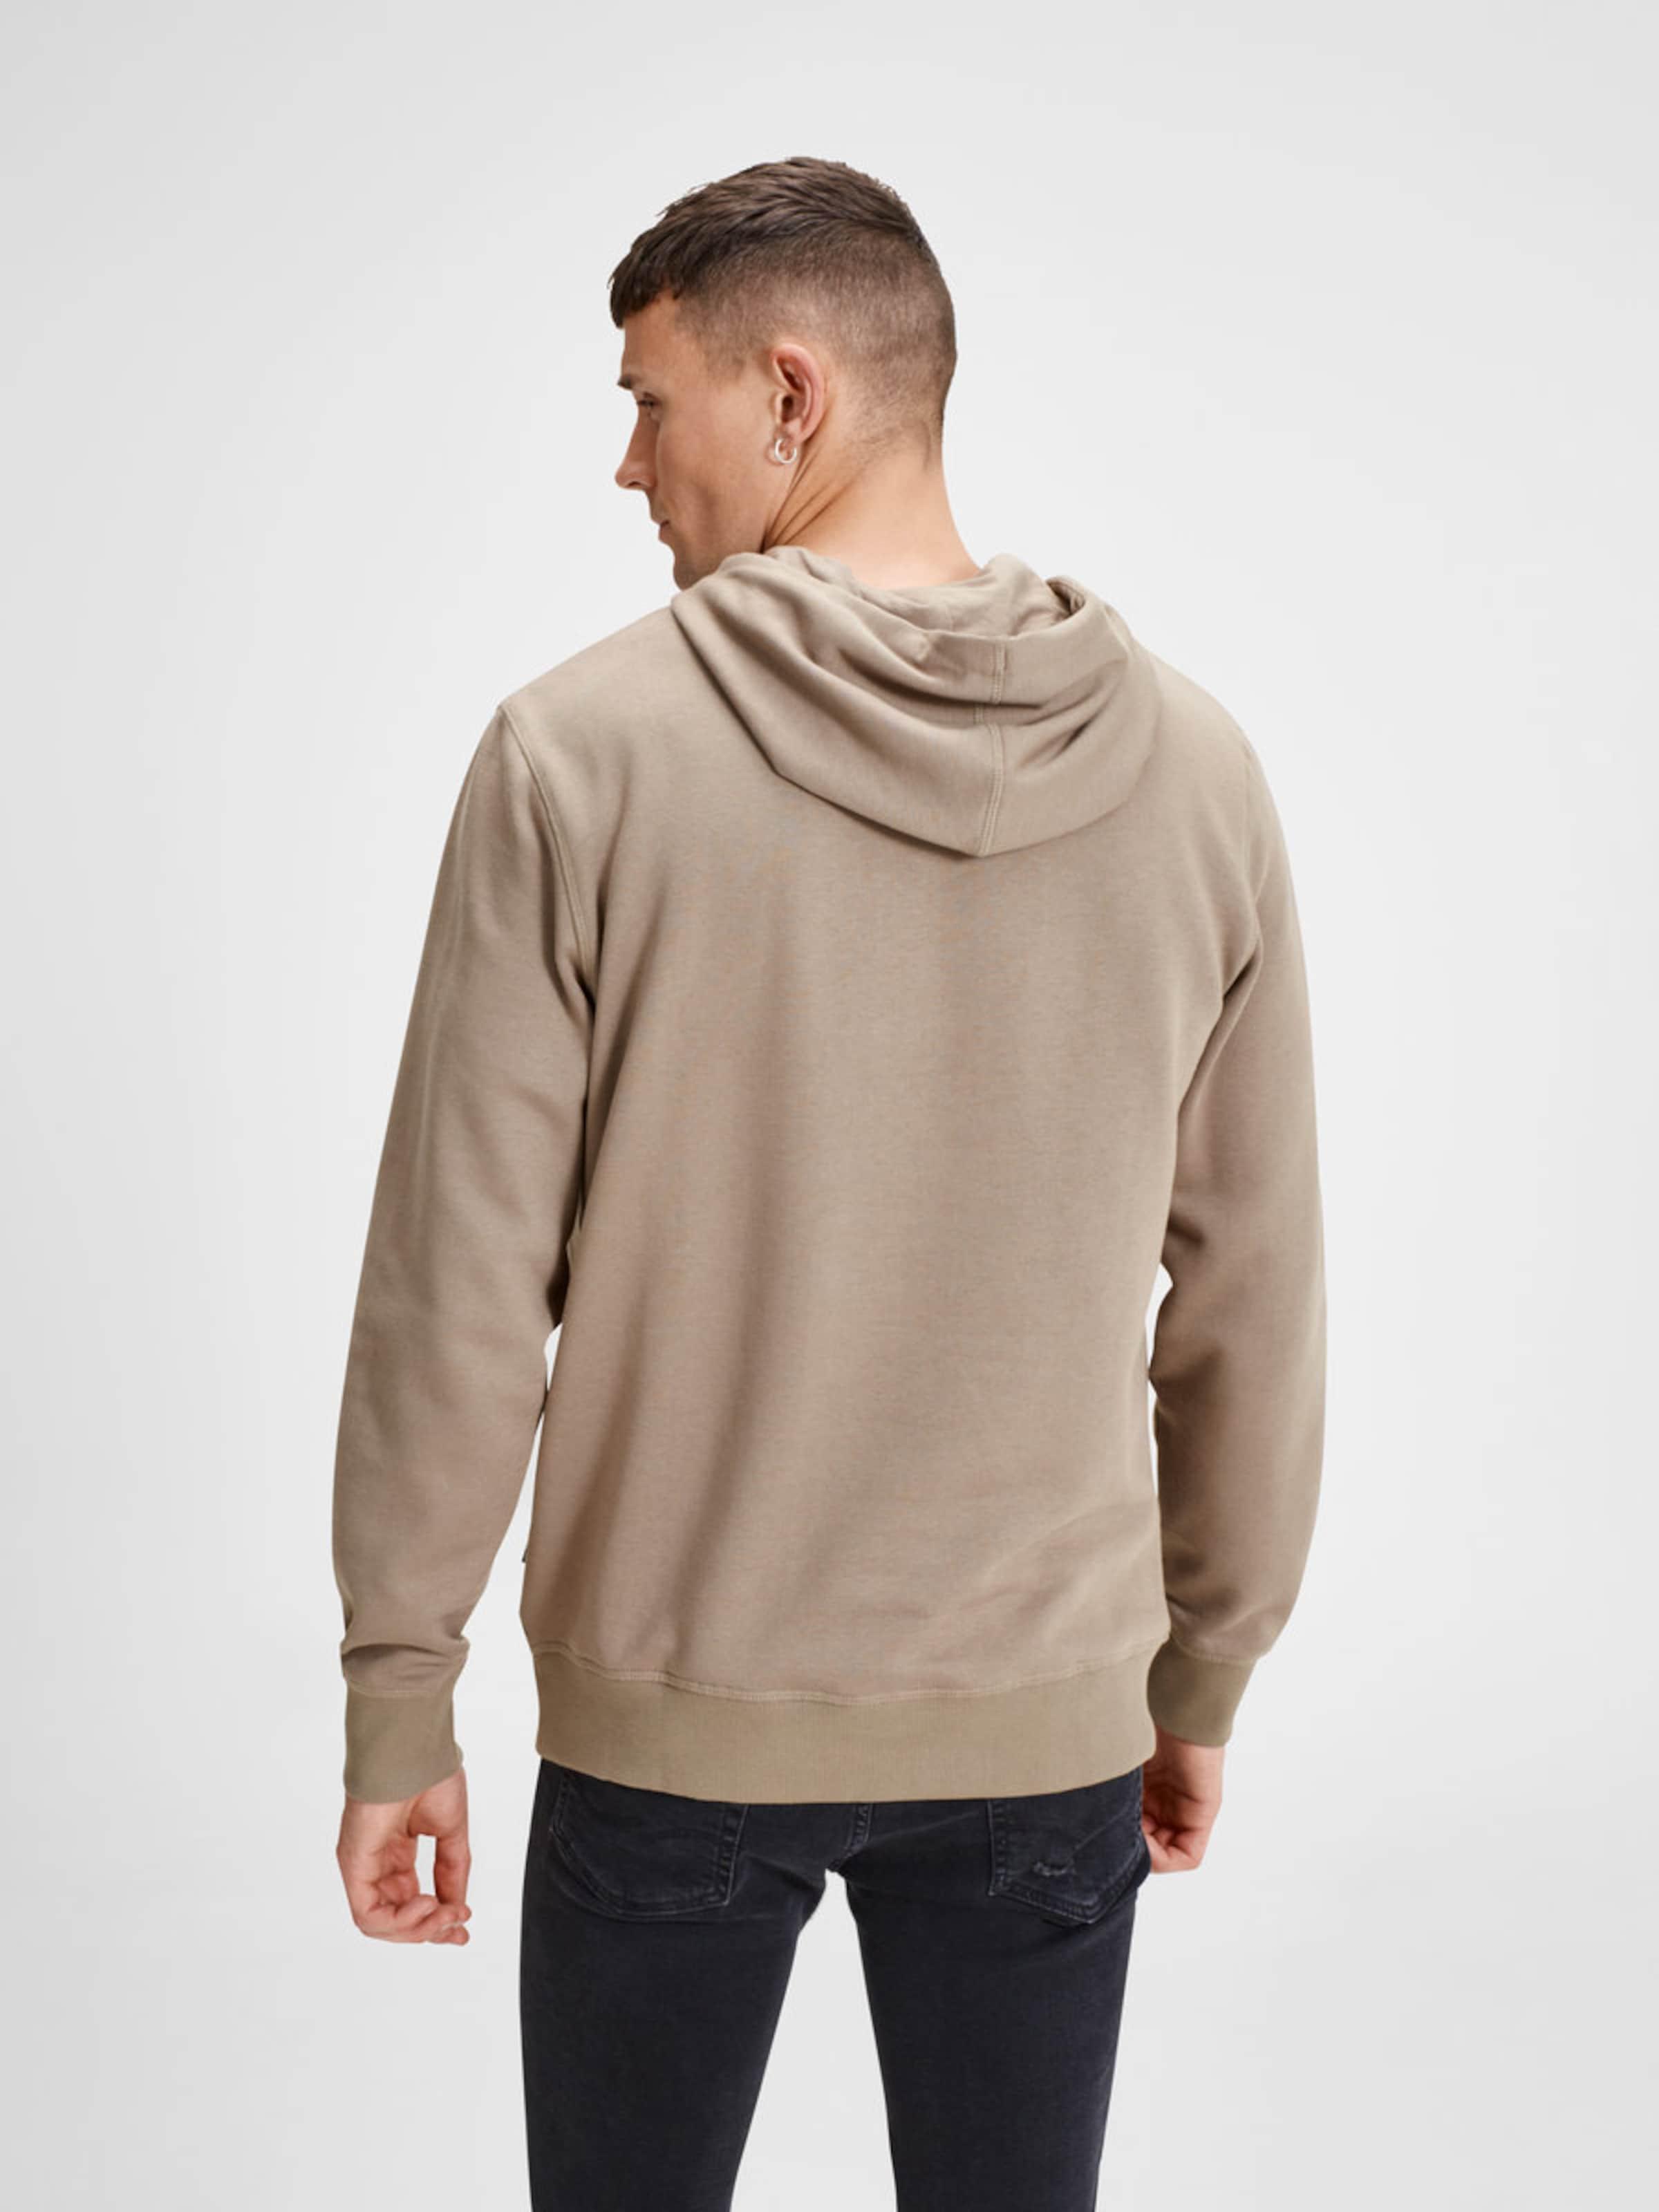 Verkauf Offizielle Seite Auslauf JACK & JONES Lässiges Sweatshirt Billig Verkauf Sast Verkauf Niedrig Versandkosten Geschäft Zum Verkauf wIvhoO